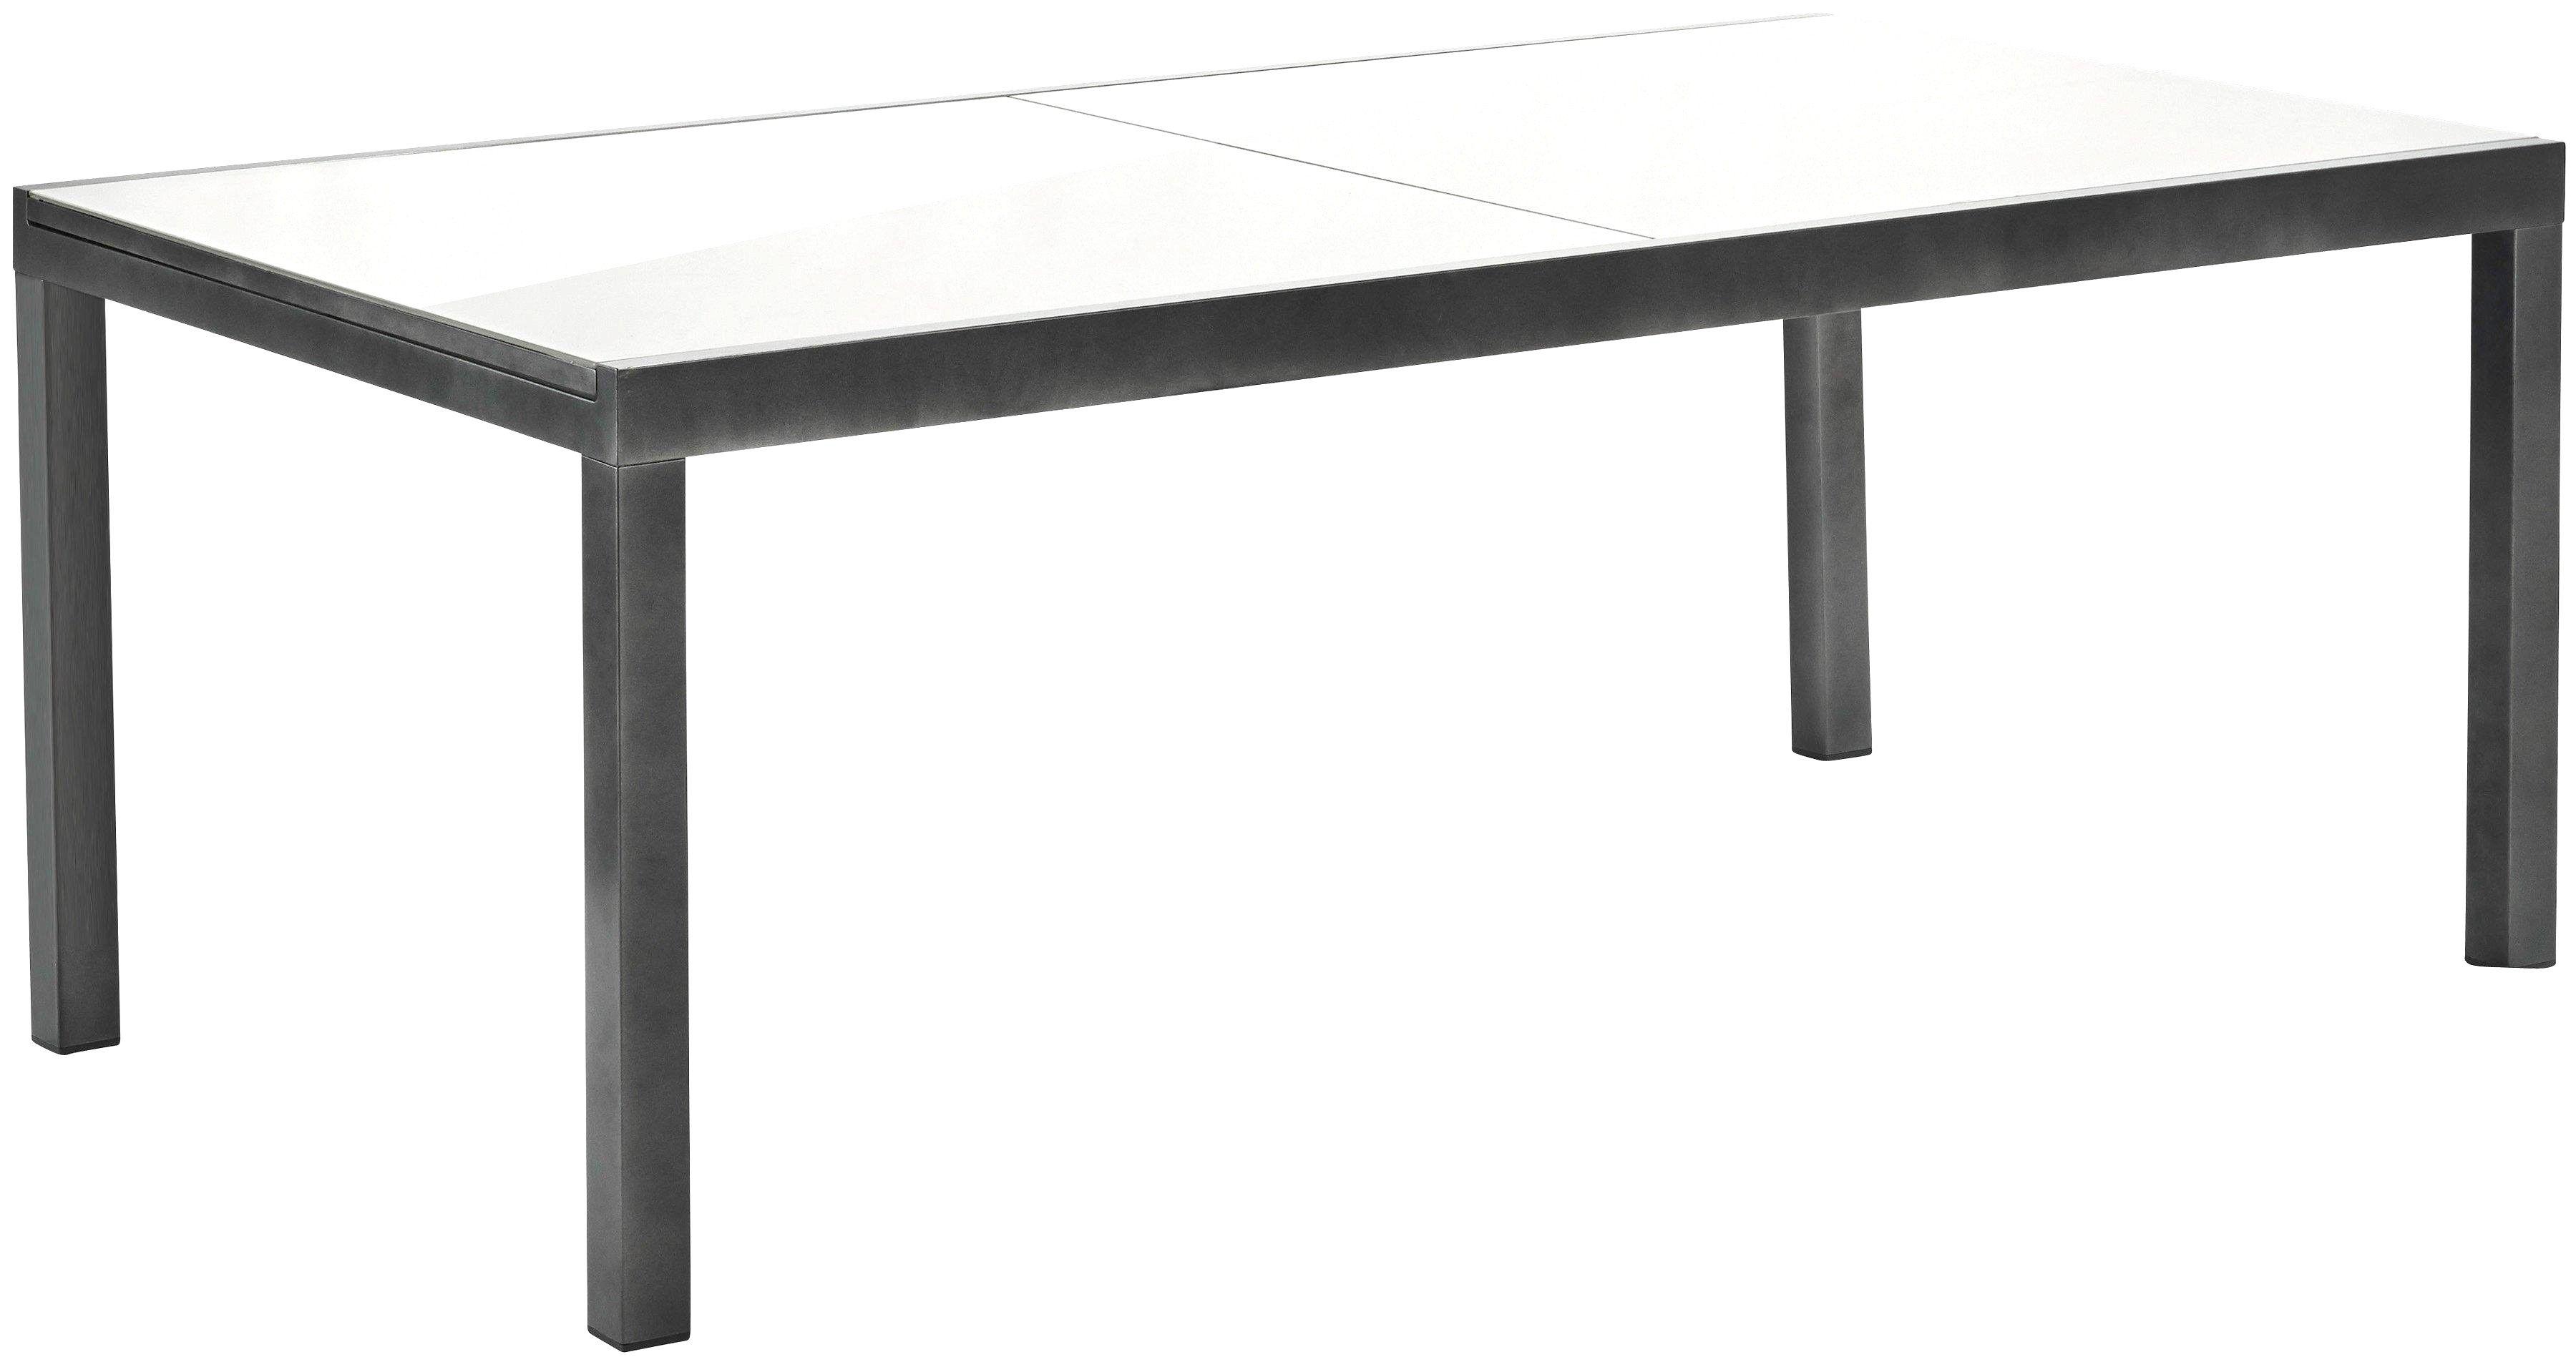 Gartentisch Alu Ausziehbar Home Decor Furniture Decor